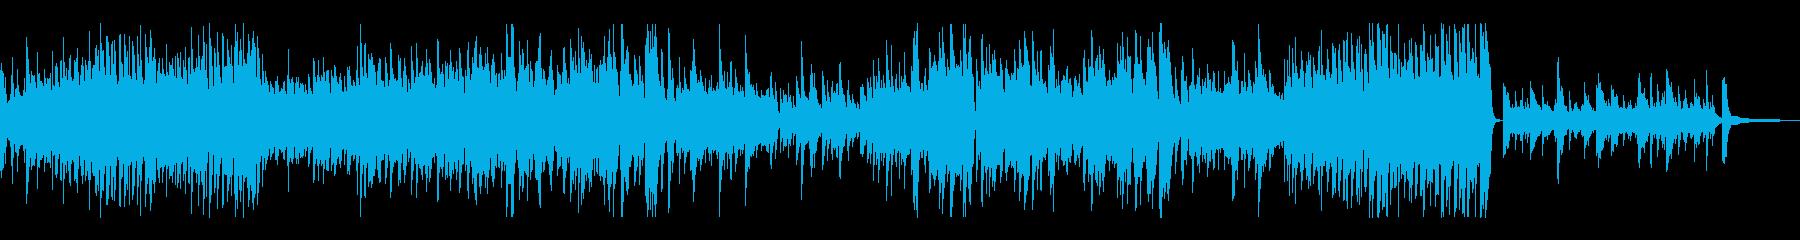 万華鏡のような繰り返しが可憐なピアノソロの再生済みの波形